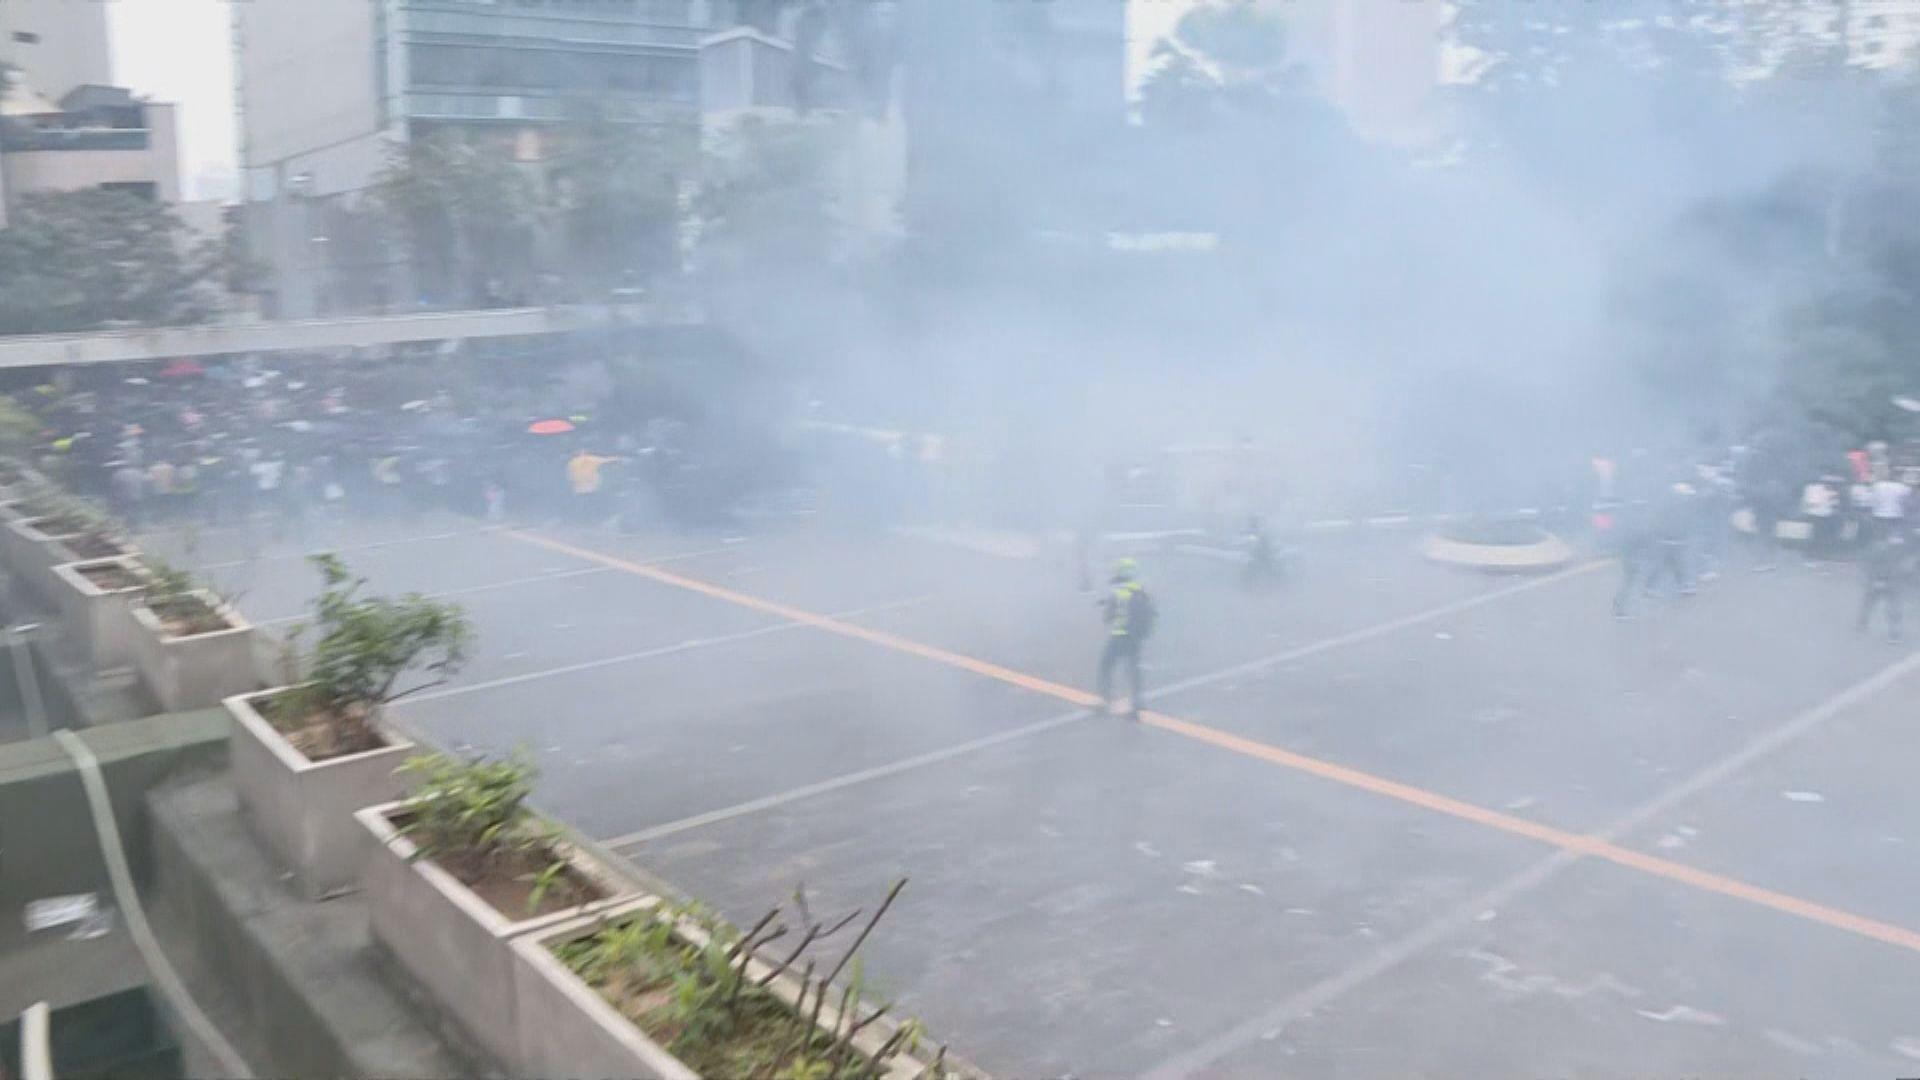 警方以主辦單位未能控制秩序為由要求中止集會